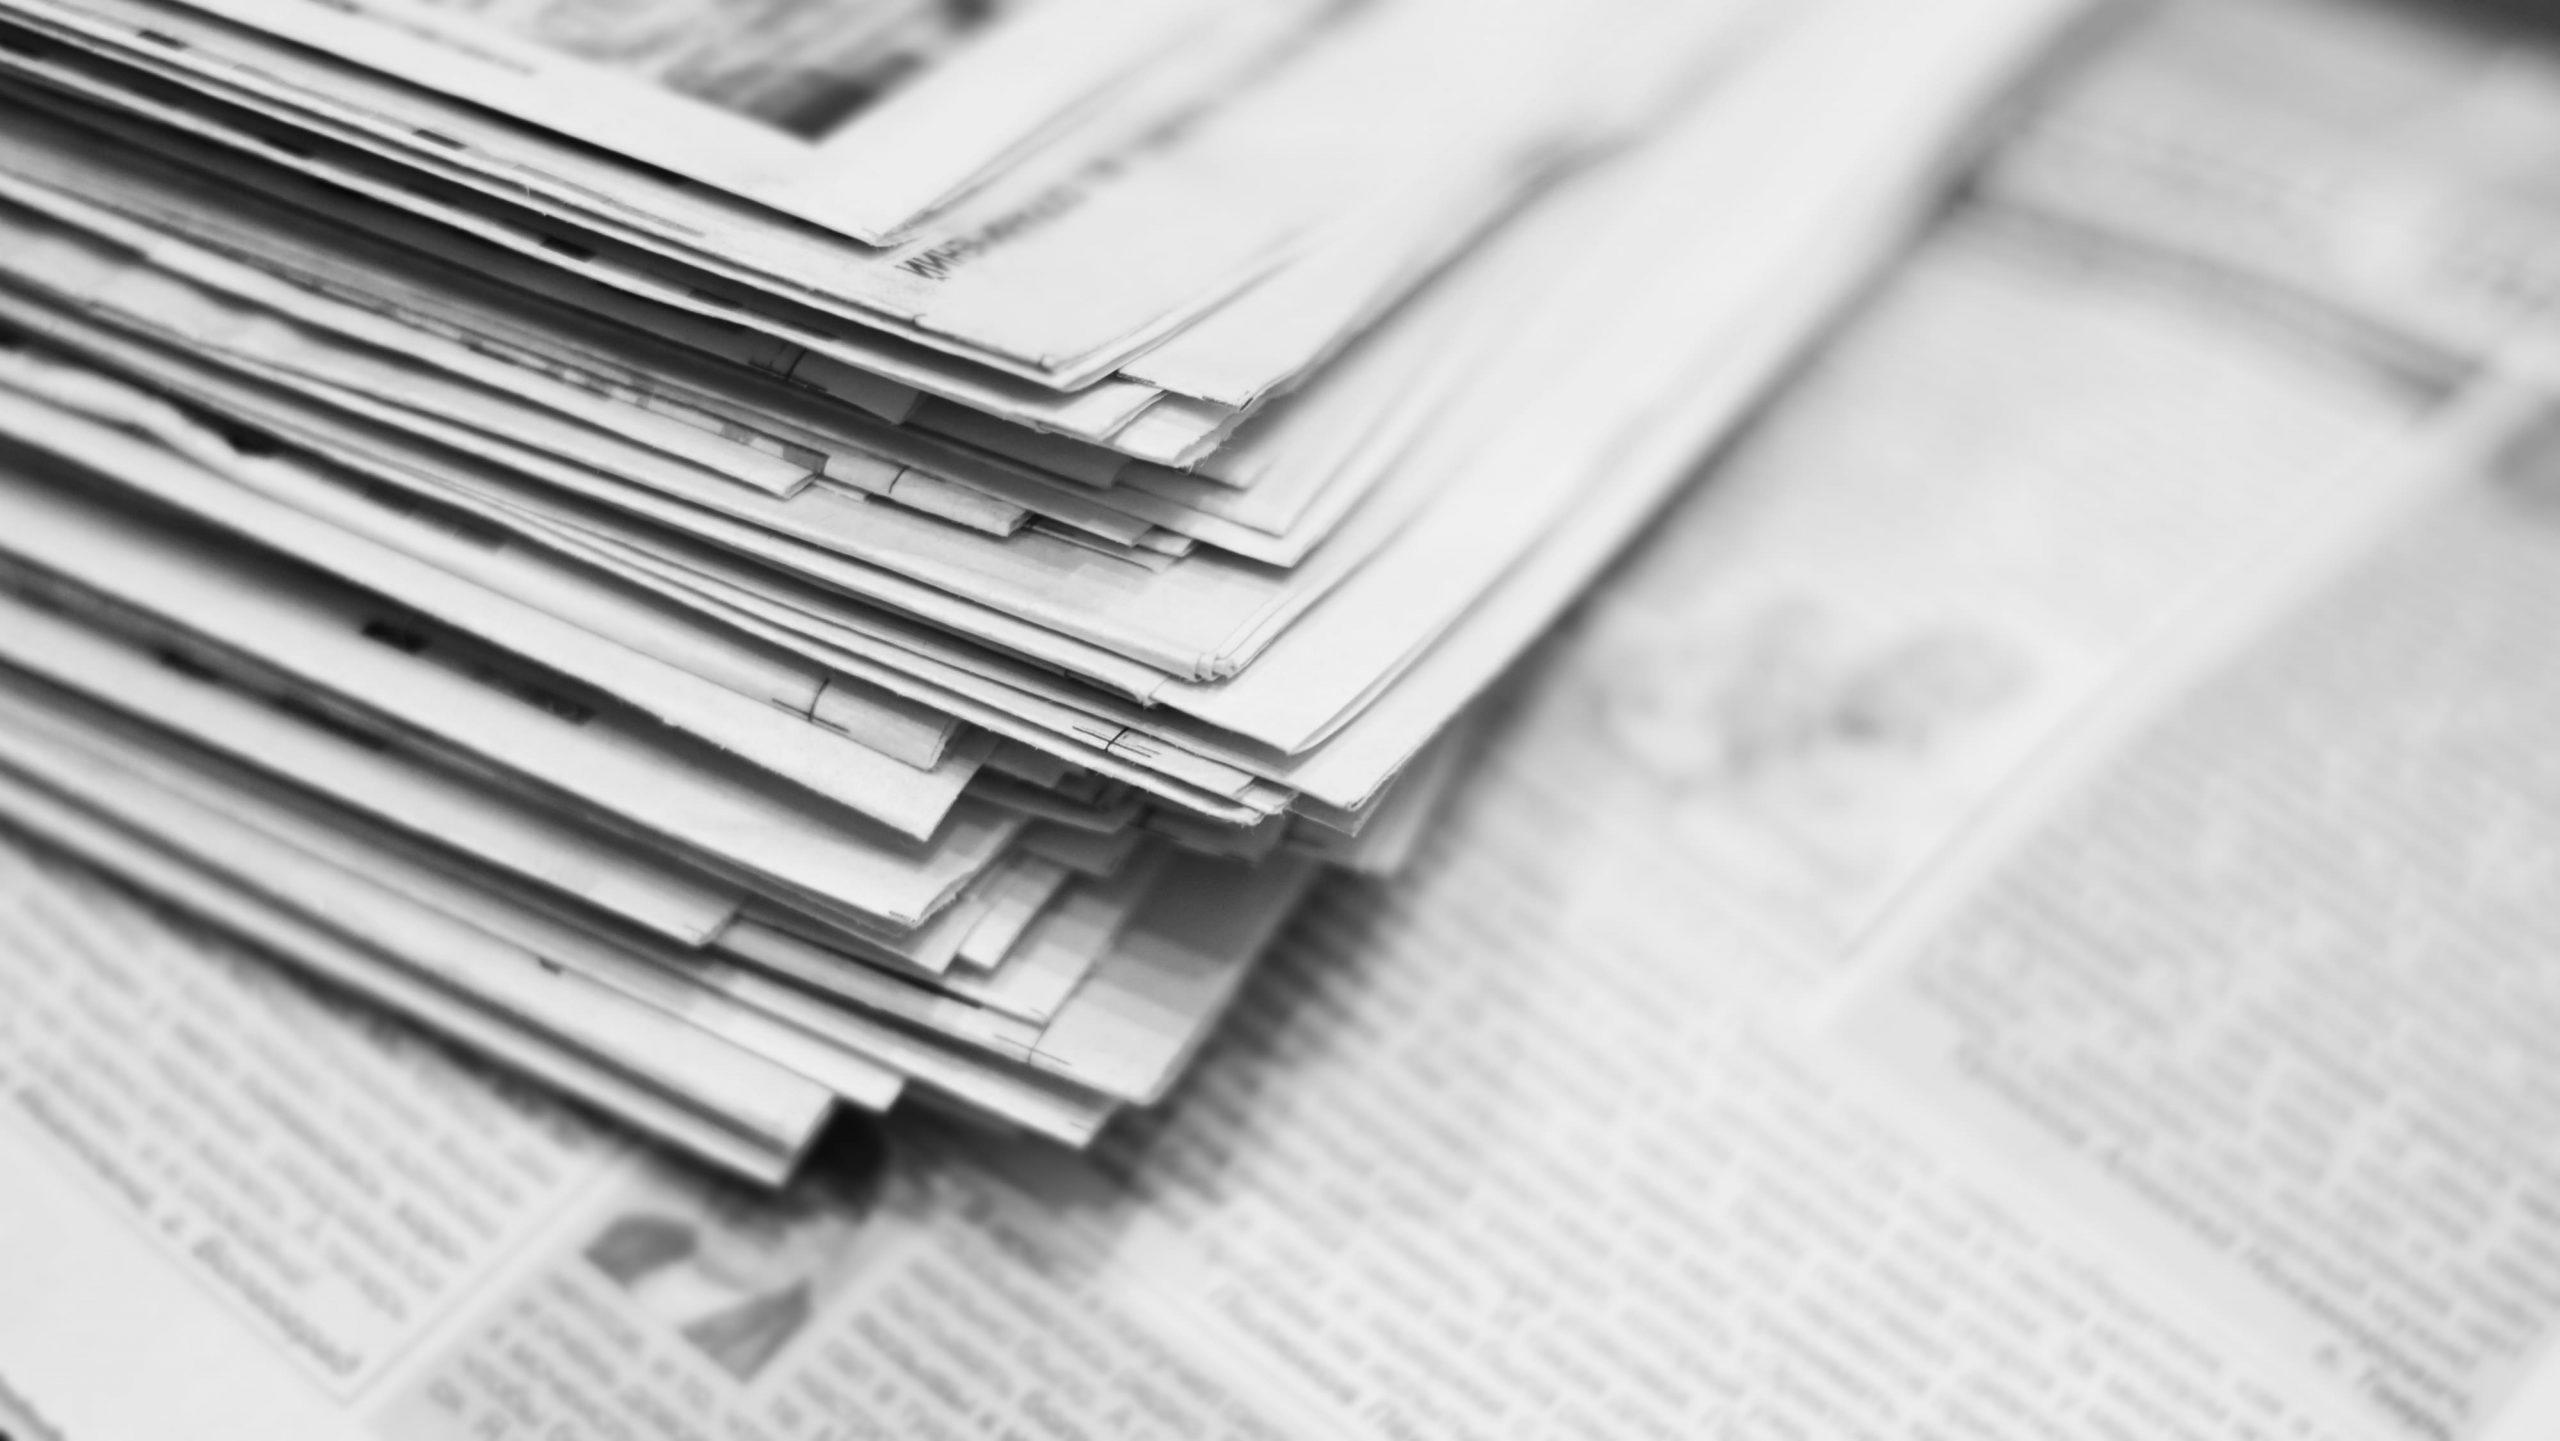 Zeitungspapier aufgeklappt